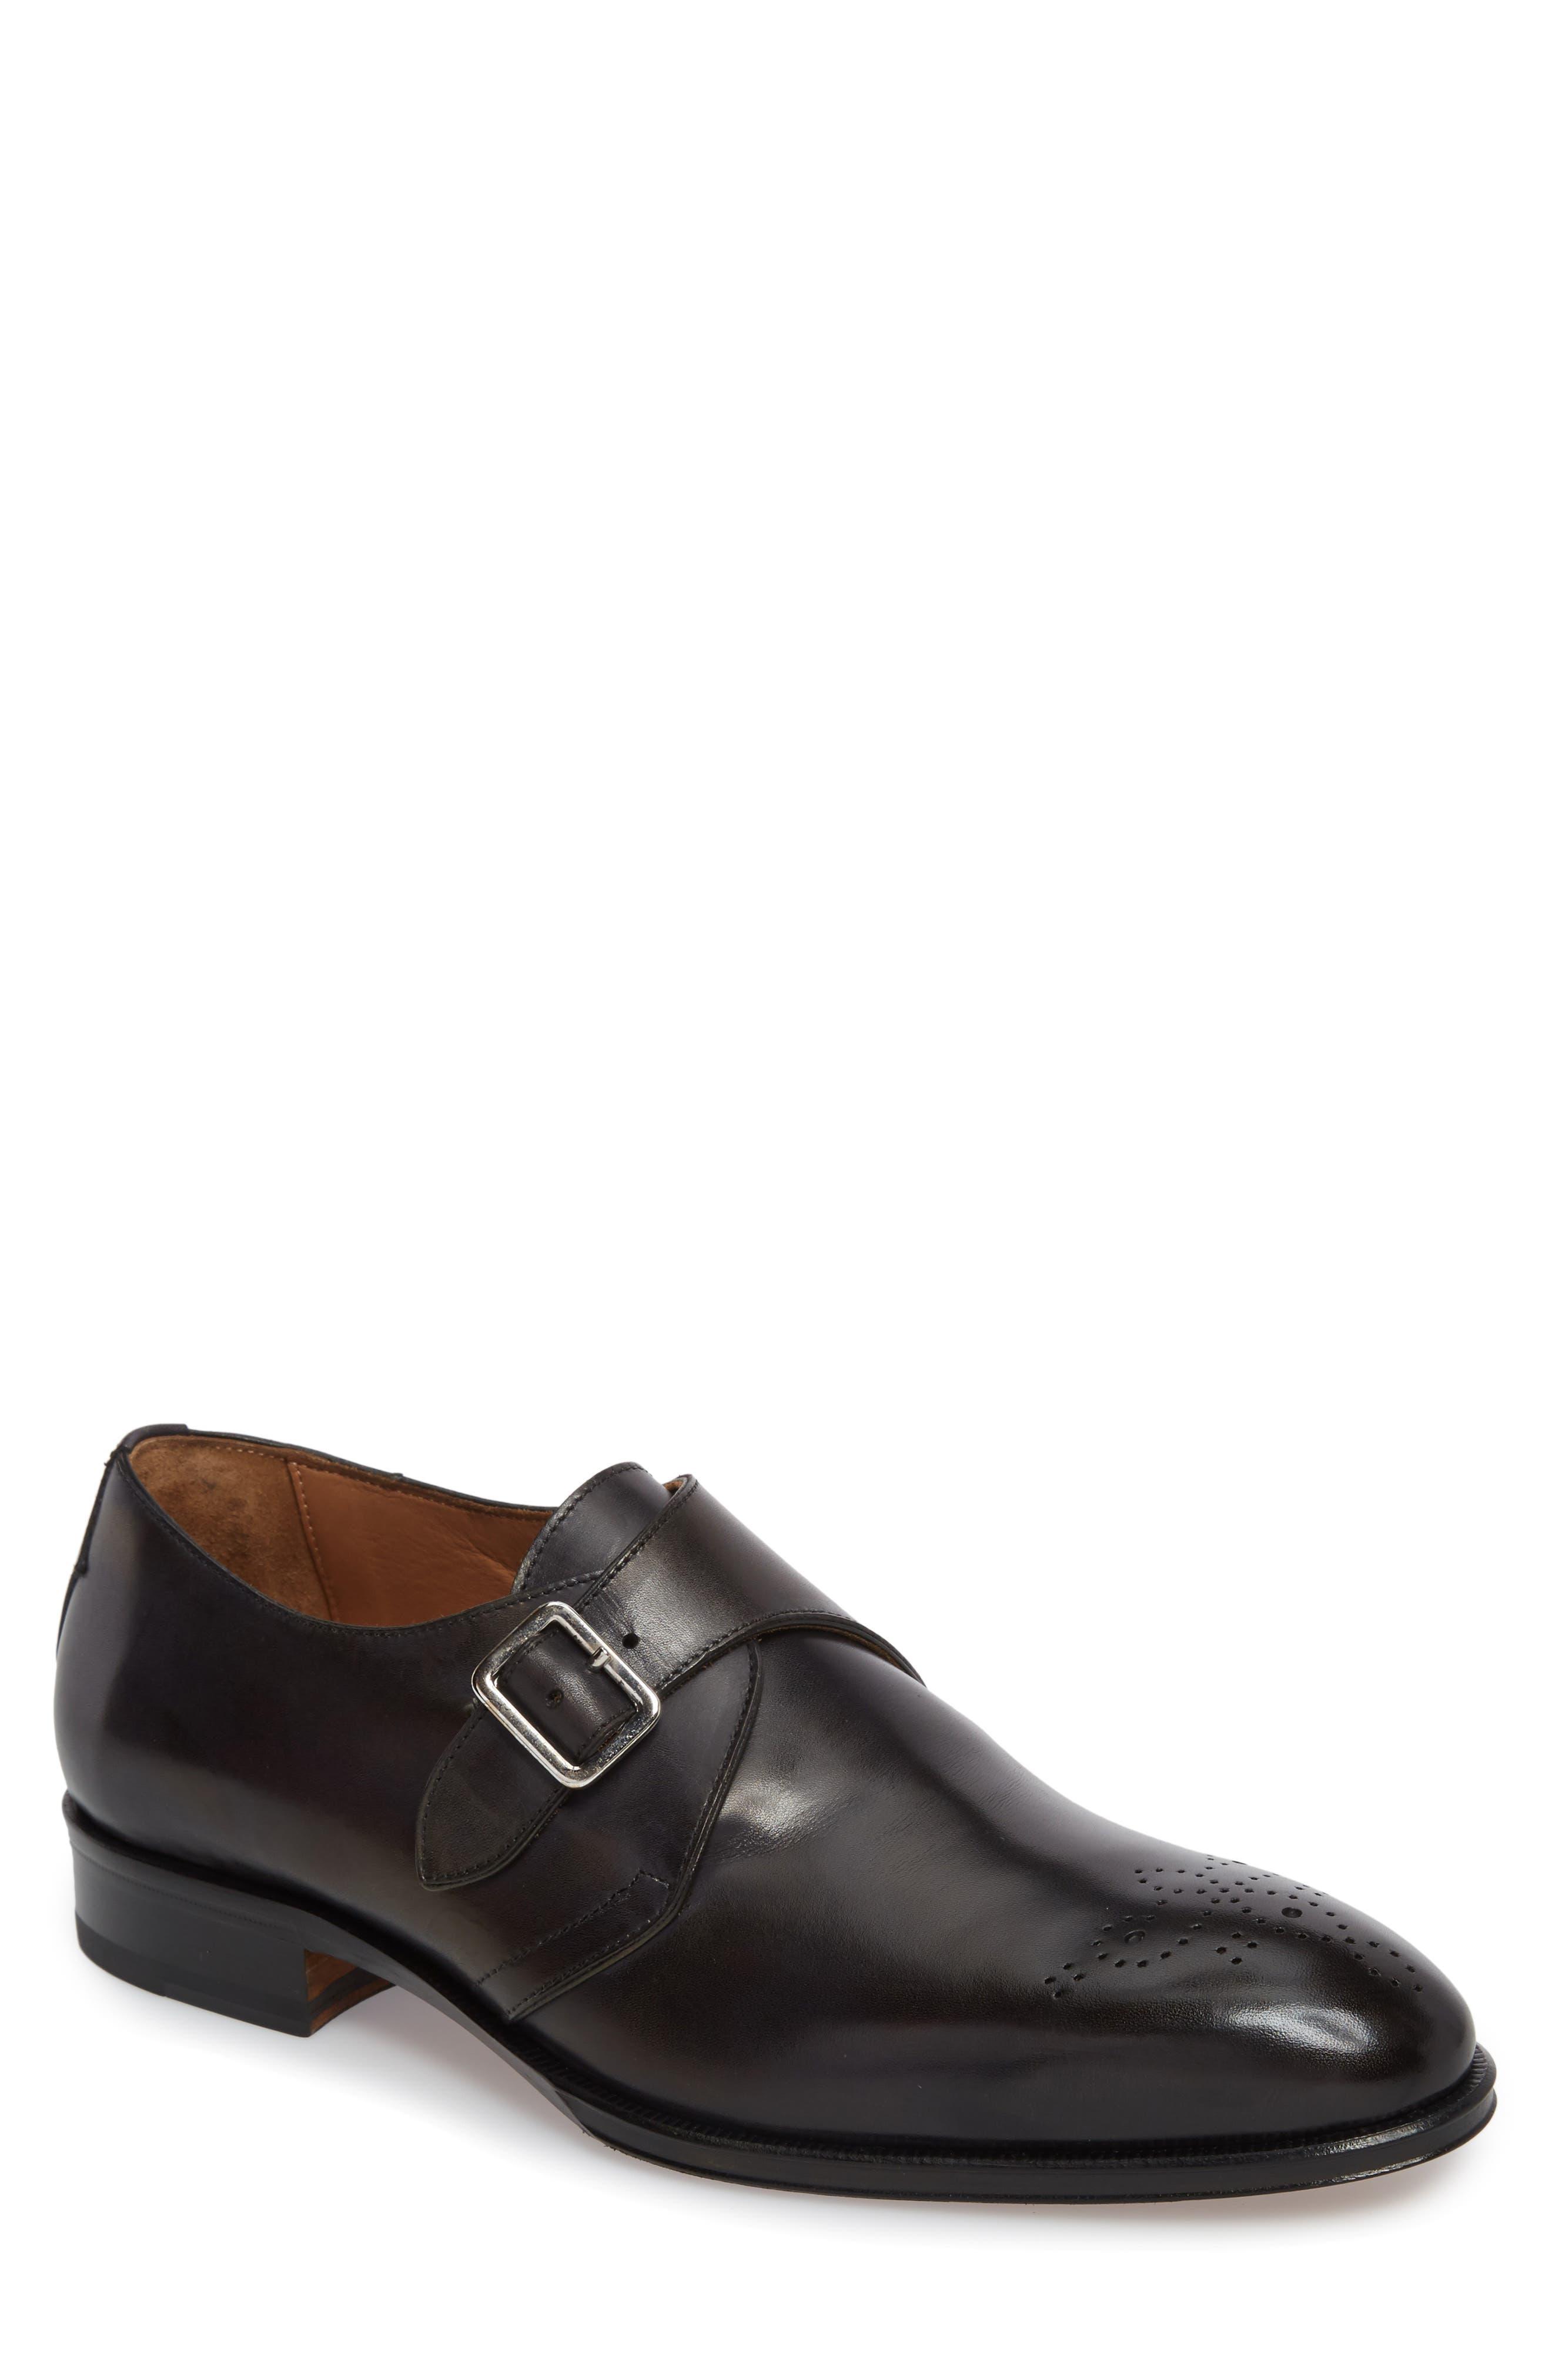 Gallo Bianco Bologna Monk Strap Shoe,                         Main,                         color, Anthracite